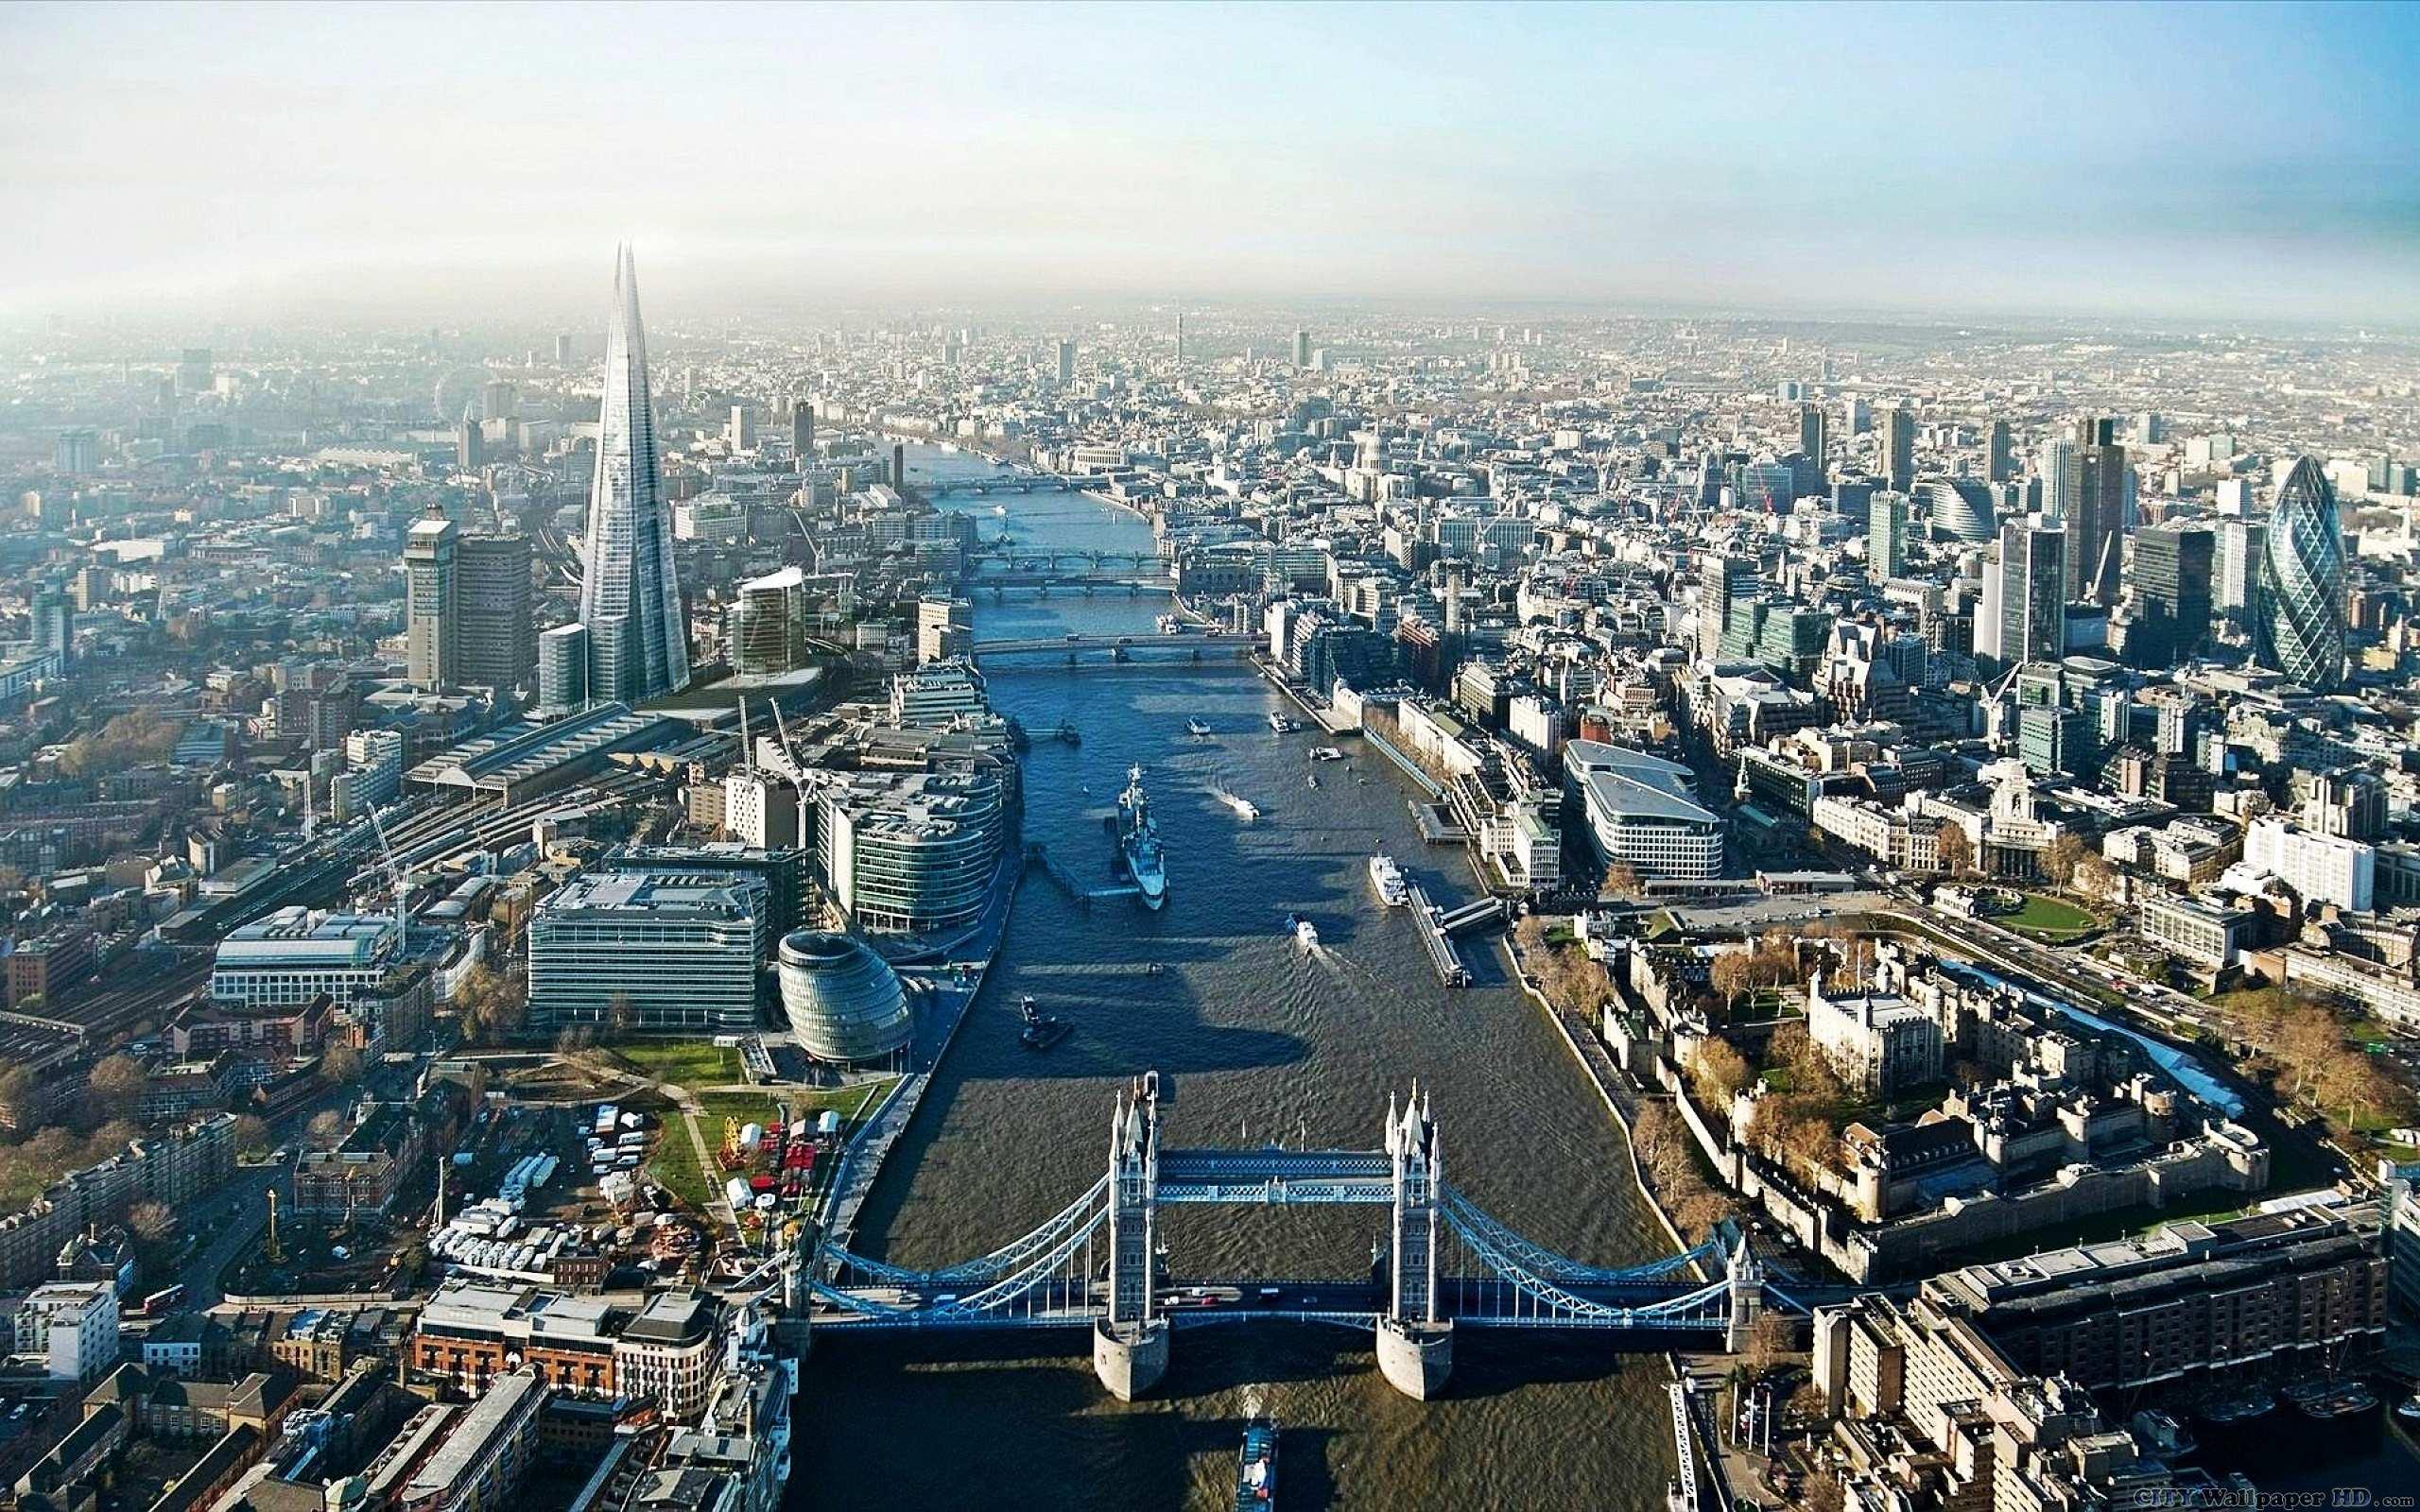 www.e-architect.co.uk